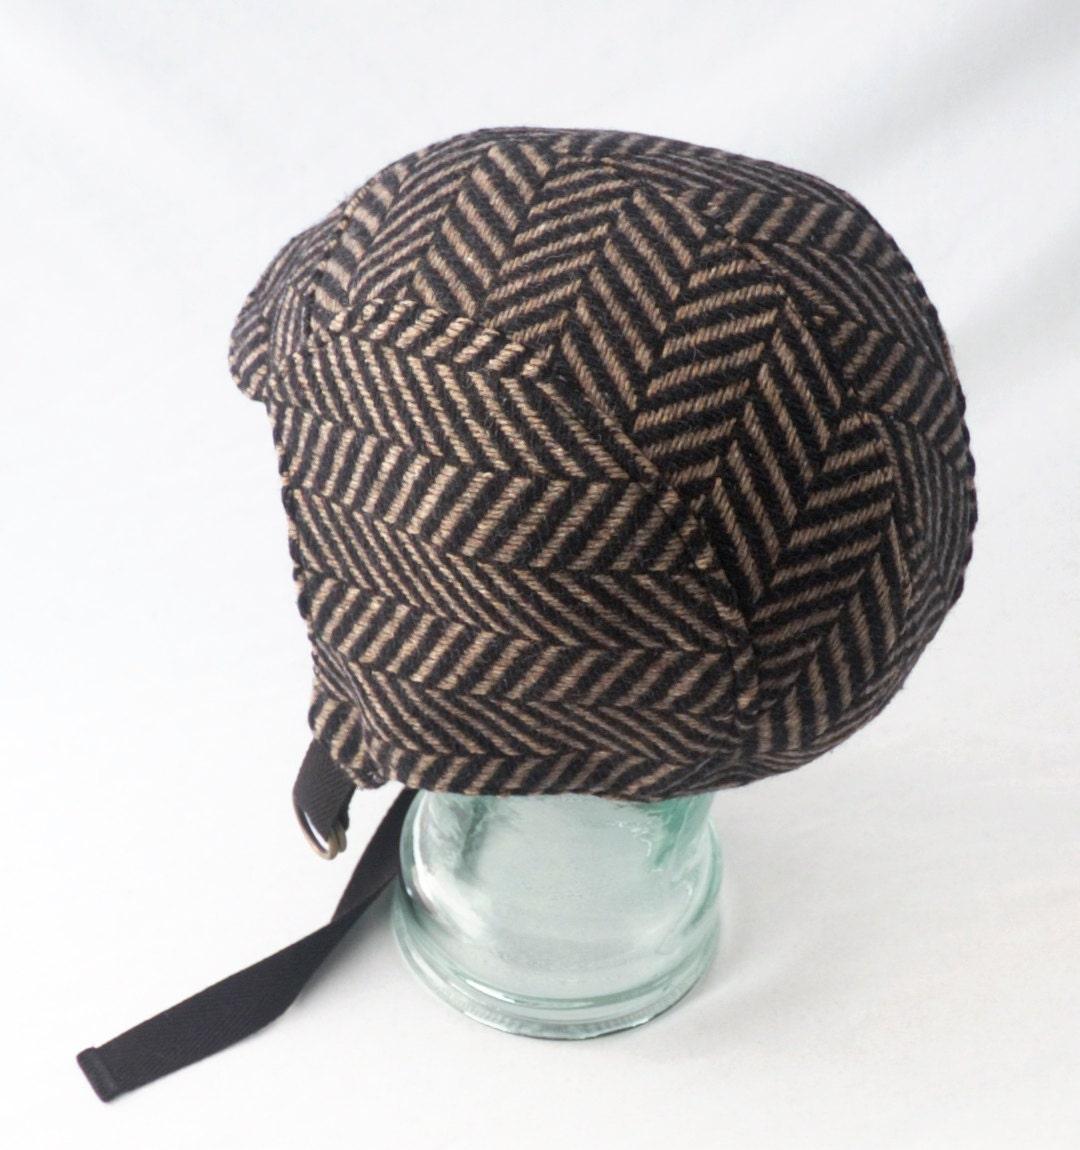 wool aviator hat black and brown herringbone by rocksandsalt